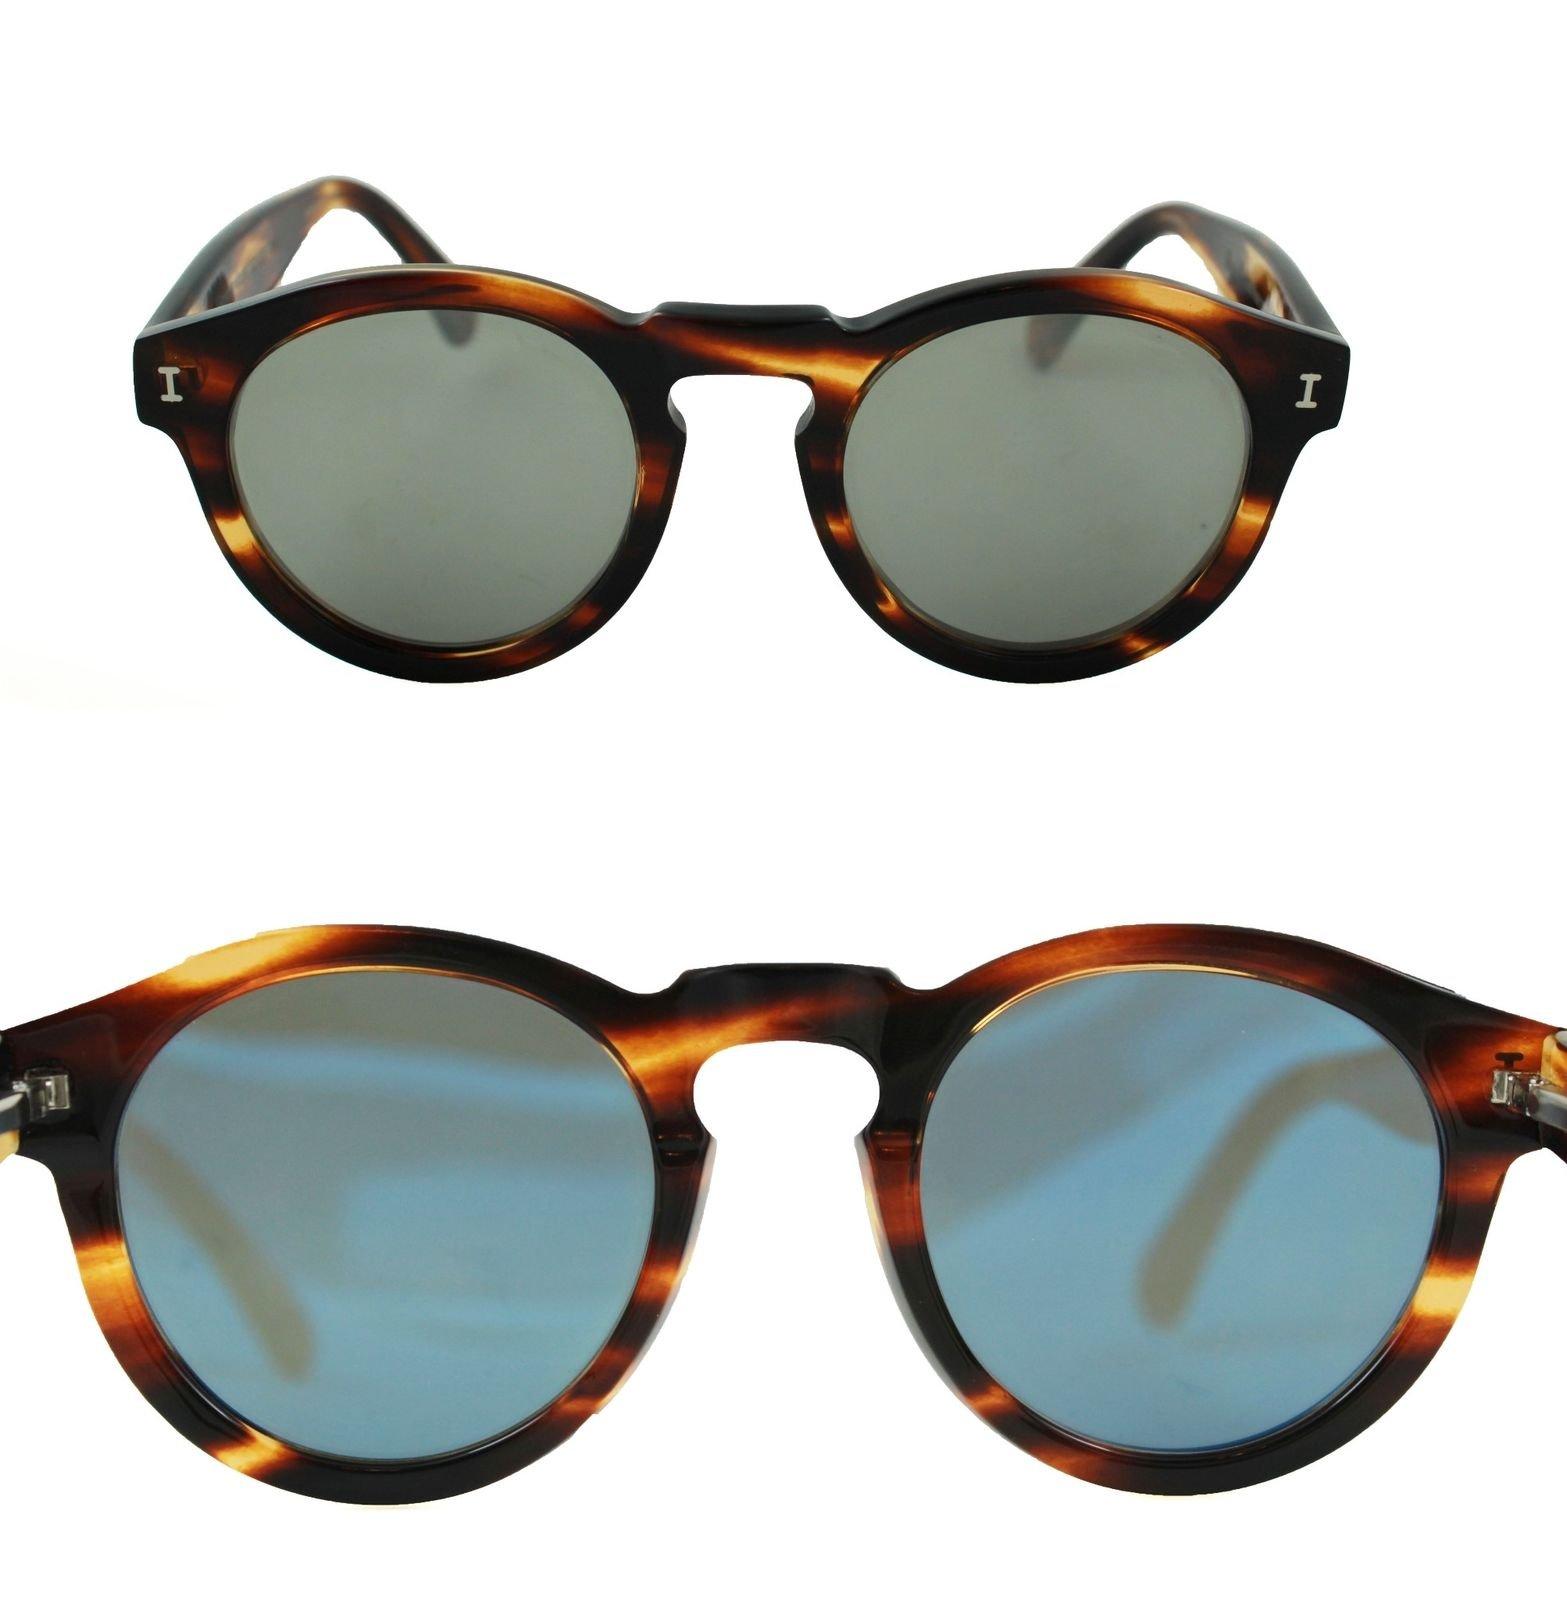 414edf9e485ed Illesteva Leonard C.29 Sunglasses Round Tortoise Frame Flat Gray Mirrored  Lenses